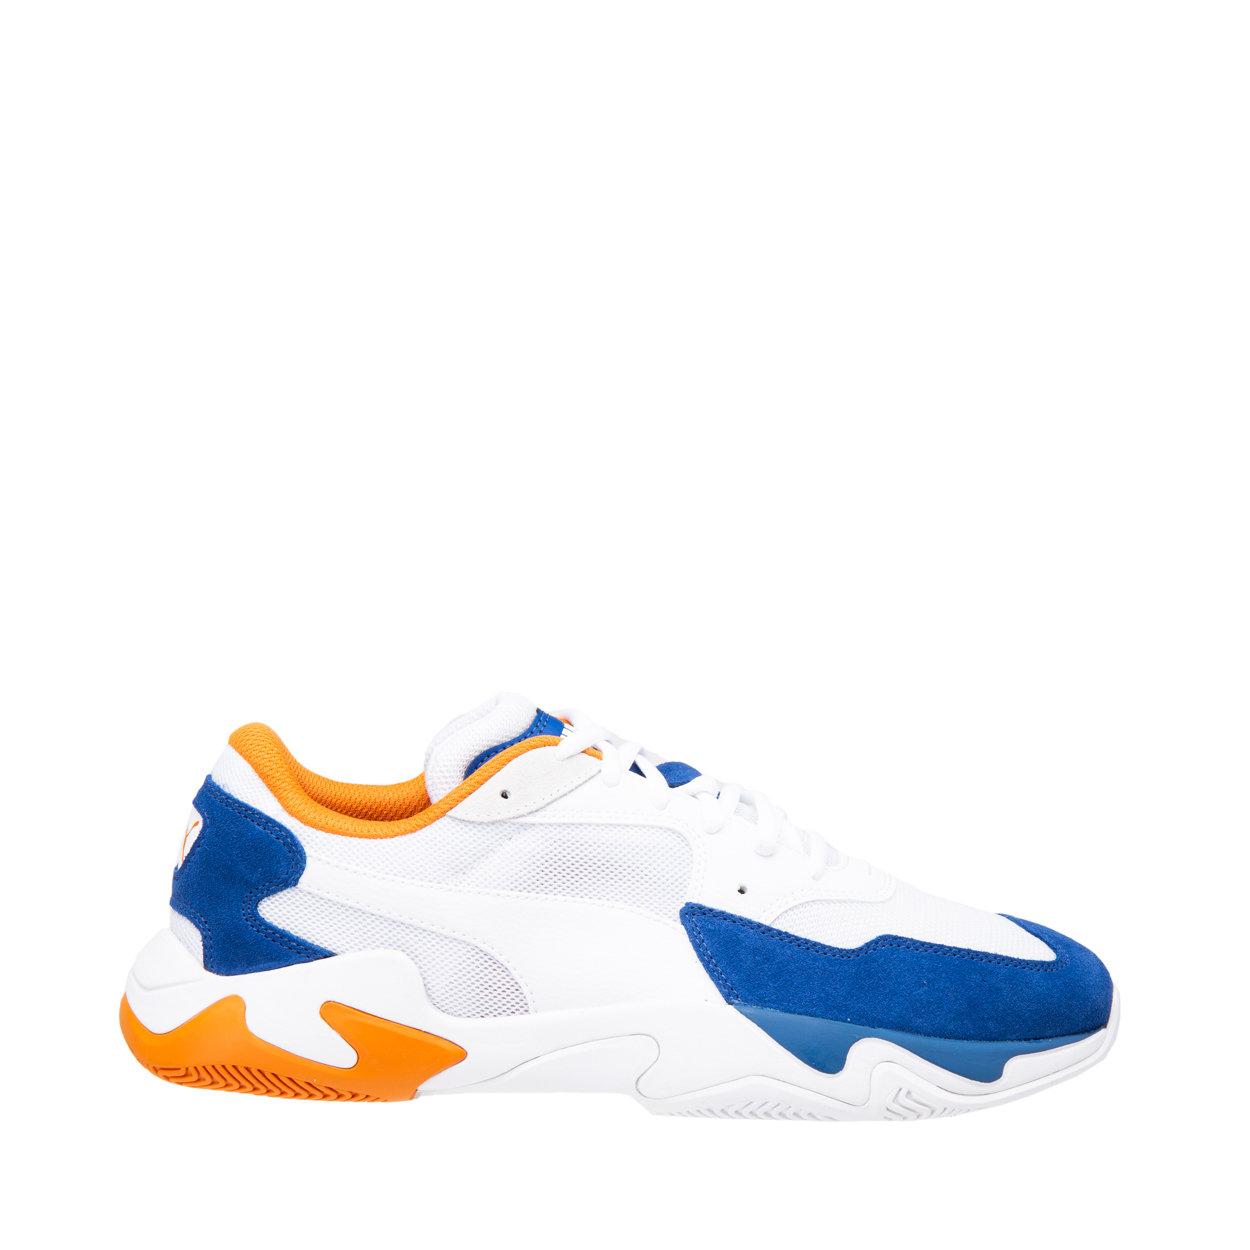 puma scarpe adrenaline